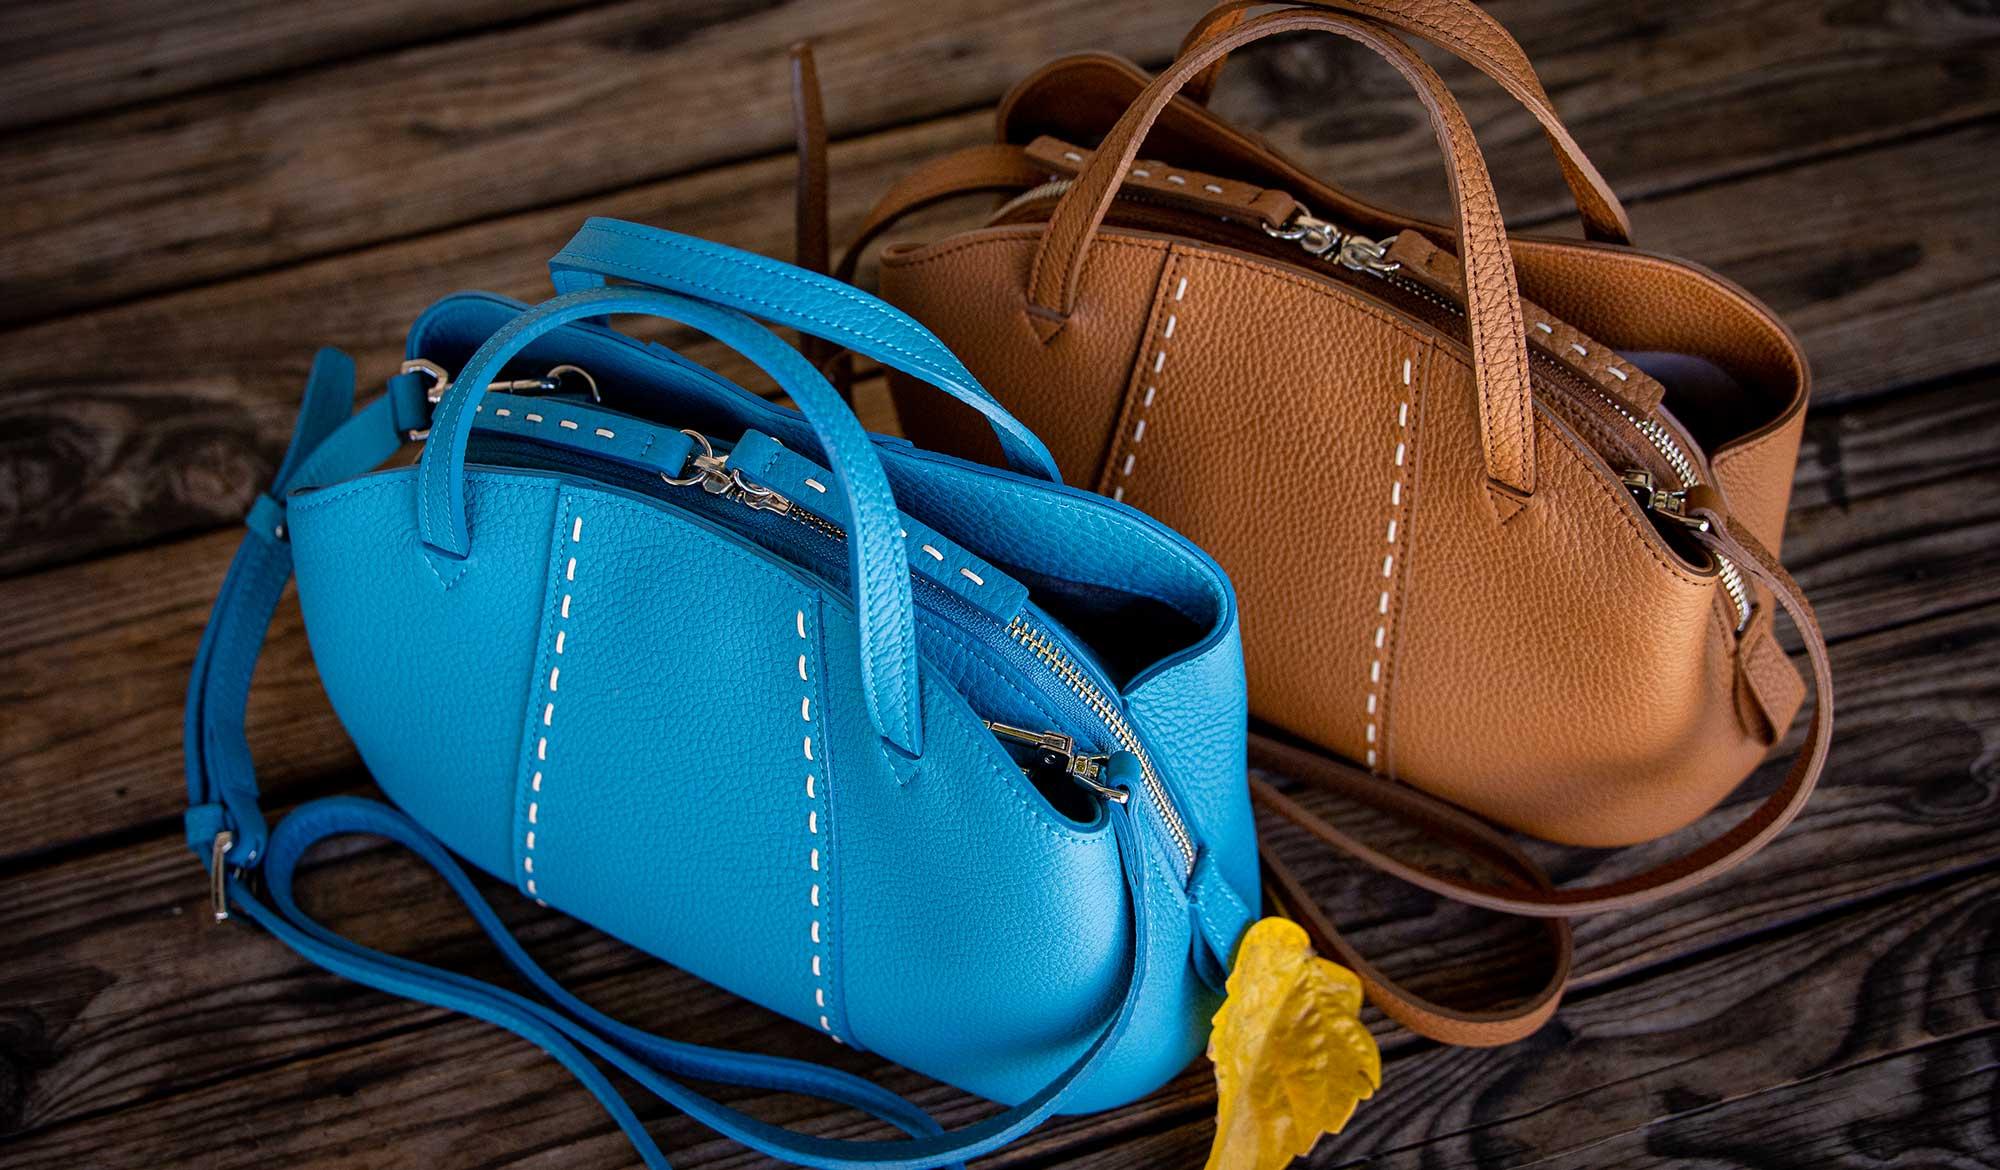 最高級シュリンクレザー・エスポワール(トゴ)で造る、大人フェミニンなデザインでも気分を変えてガーリースタイルに着こなせる器用な本革2WAYショルダーバッグ。